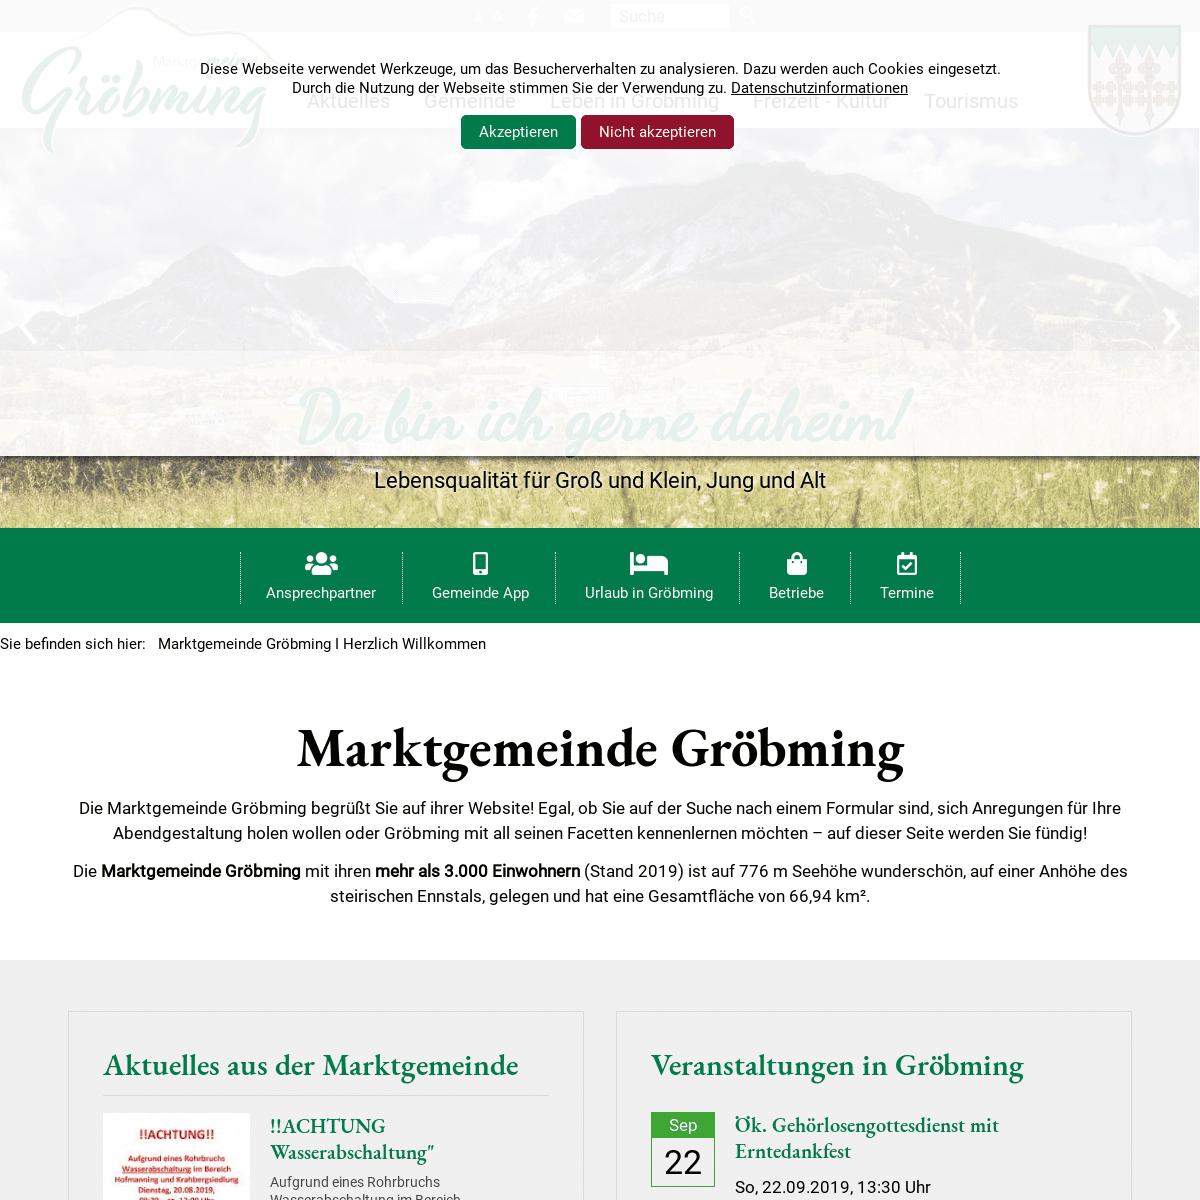 ArchiveBay.com - groebming.at - Marktgemeinde Gröbming I Herzlich Willkommen